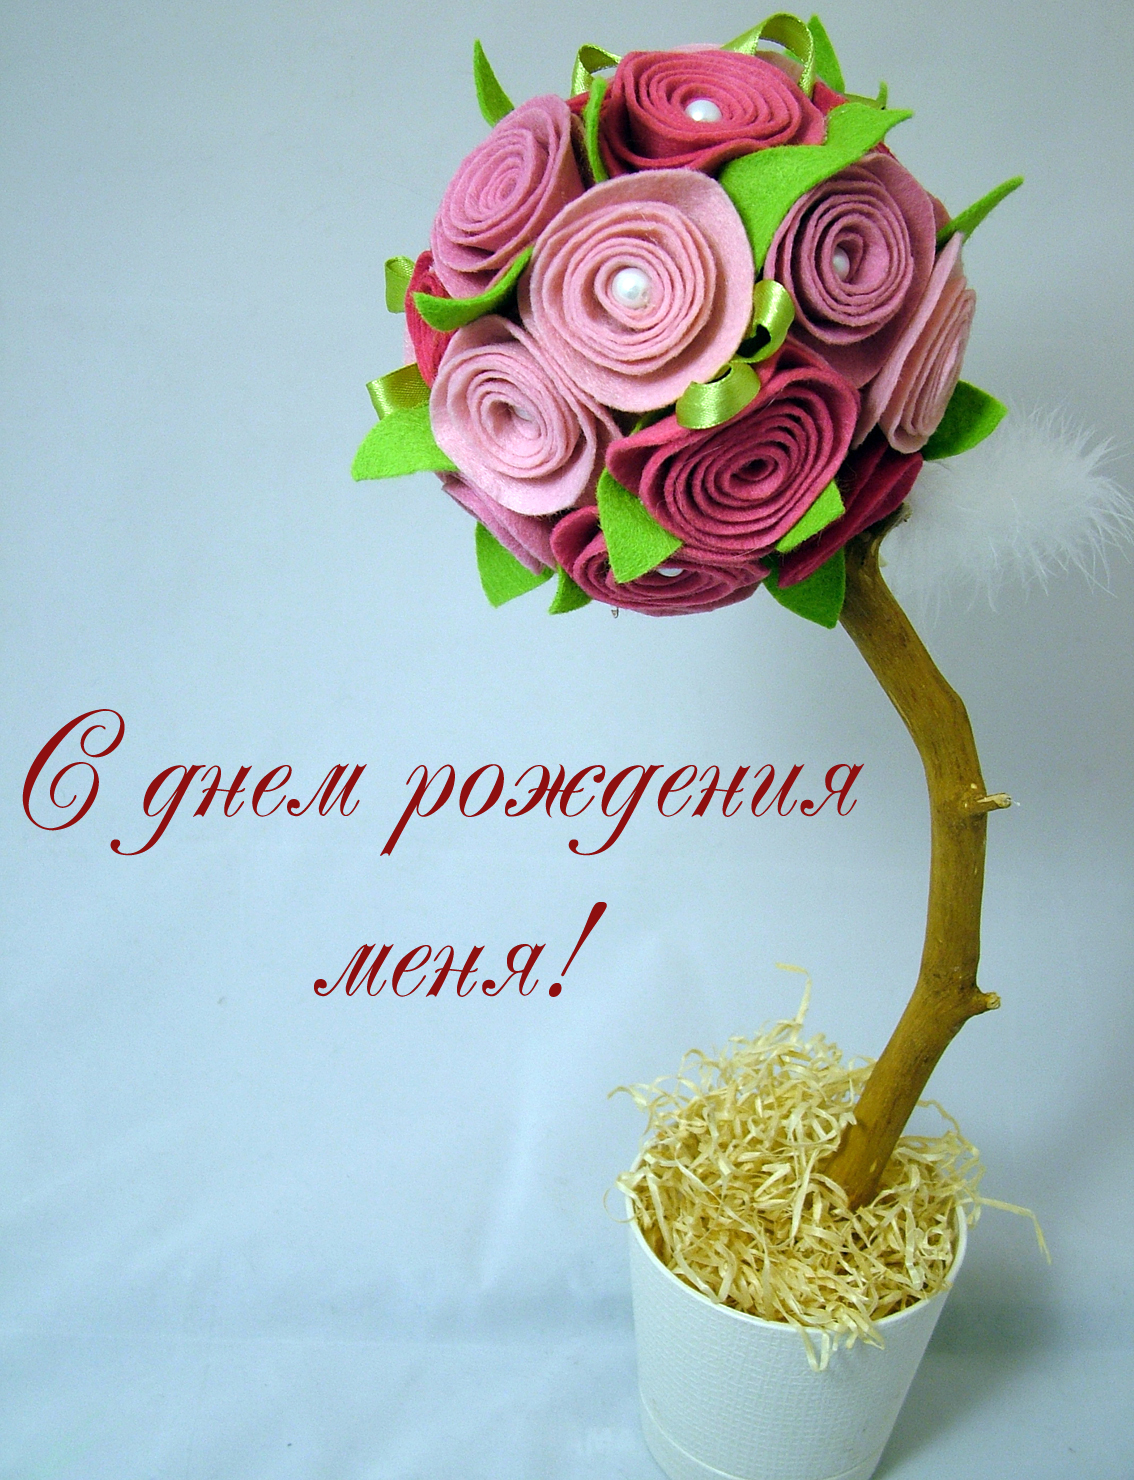 Поздравление для женечки с днем рождения 3